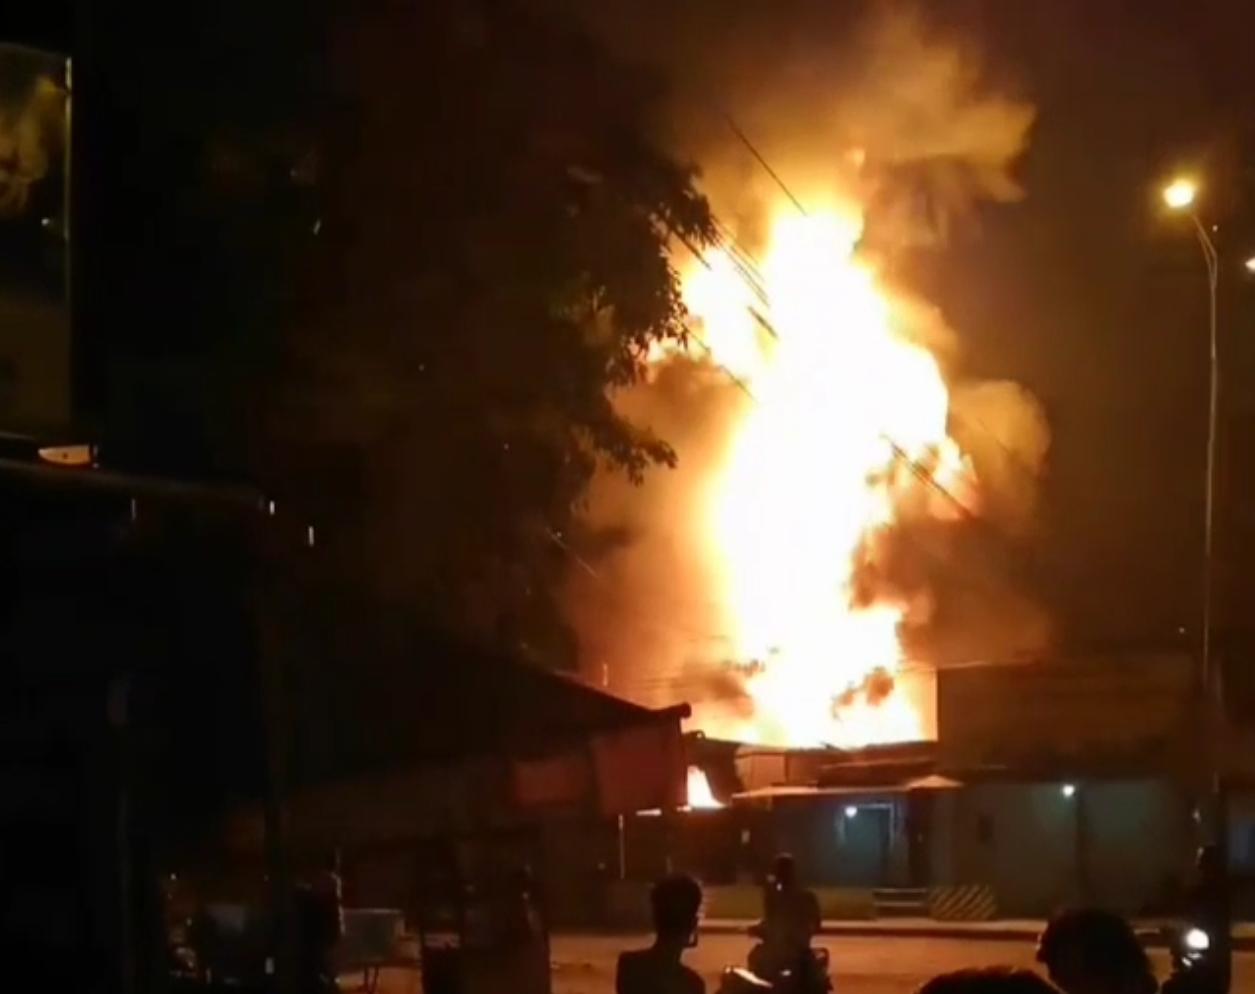 Đang cháy kèm nổ lớn gần cây xăng có nhiều xe bồn ở TP. Nha Trang - Ảnh 1